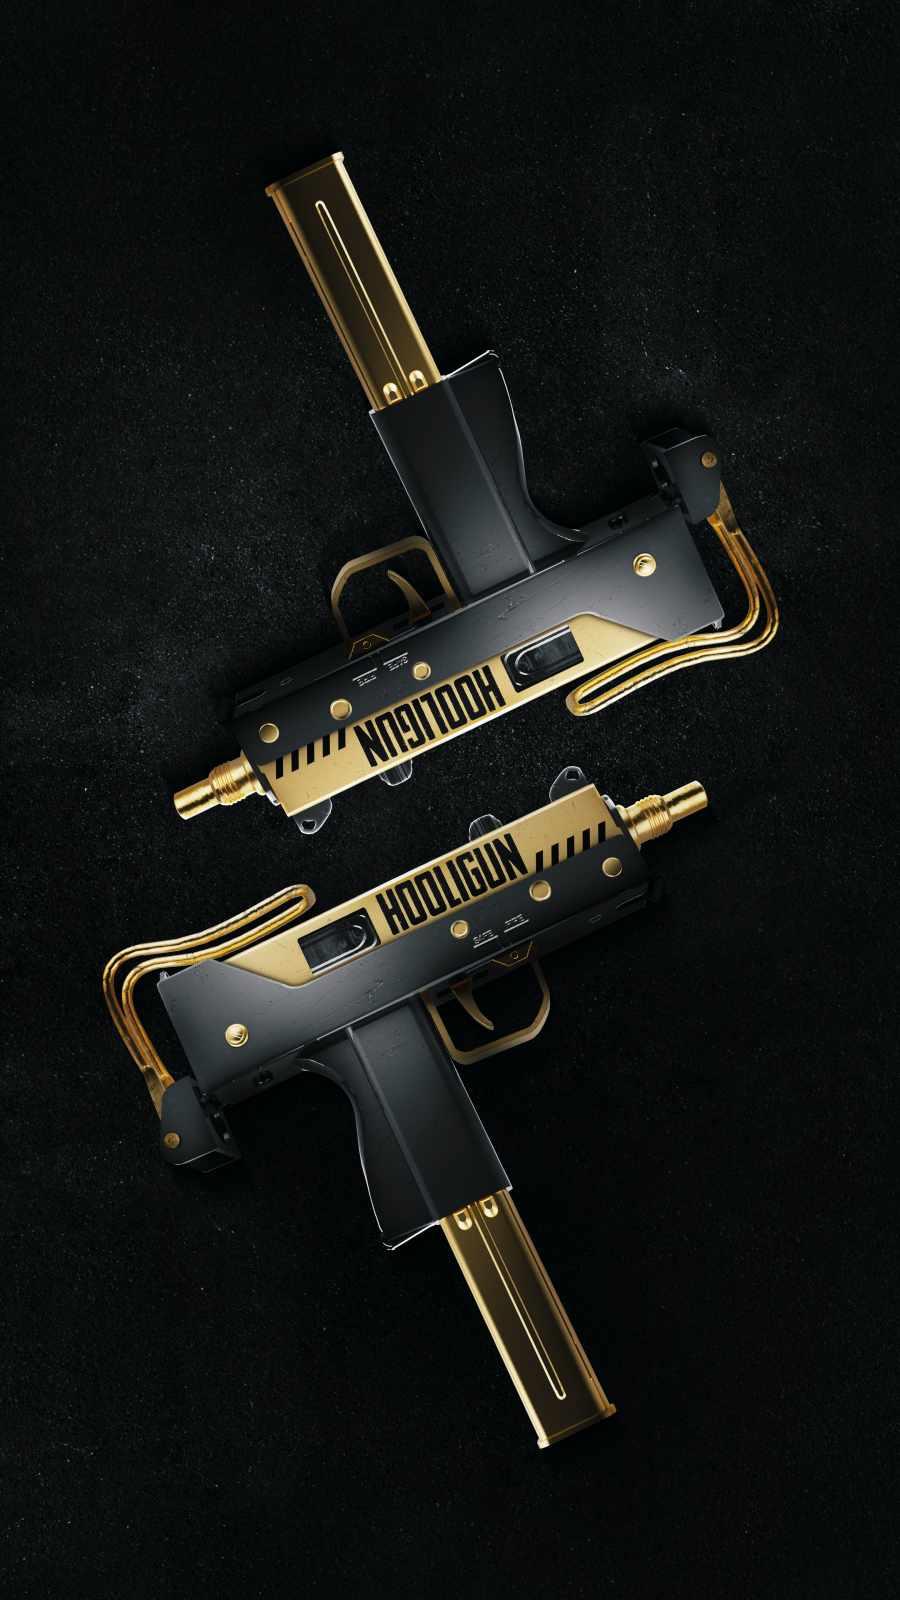 Golden SMG iPhone Wallpaper